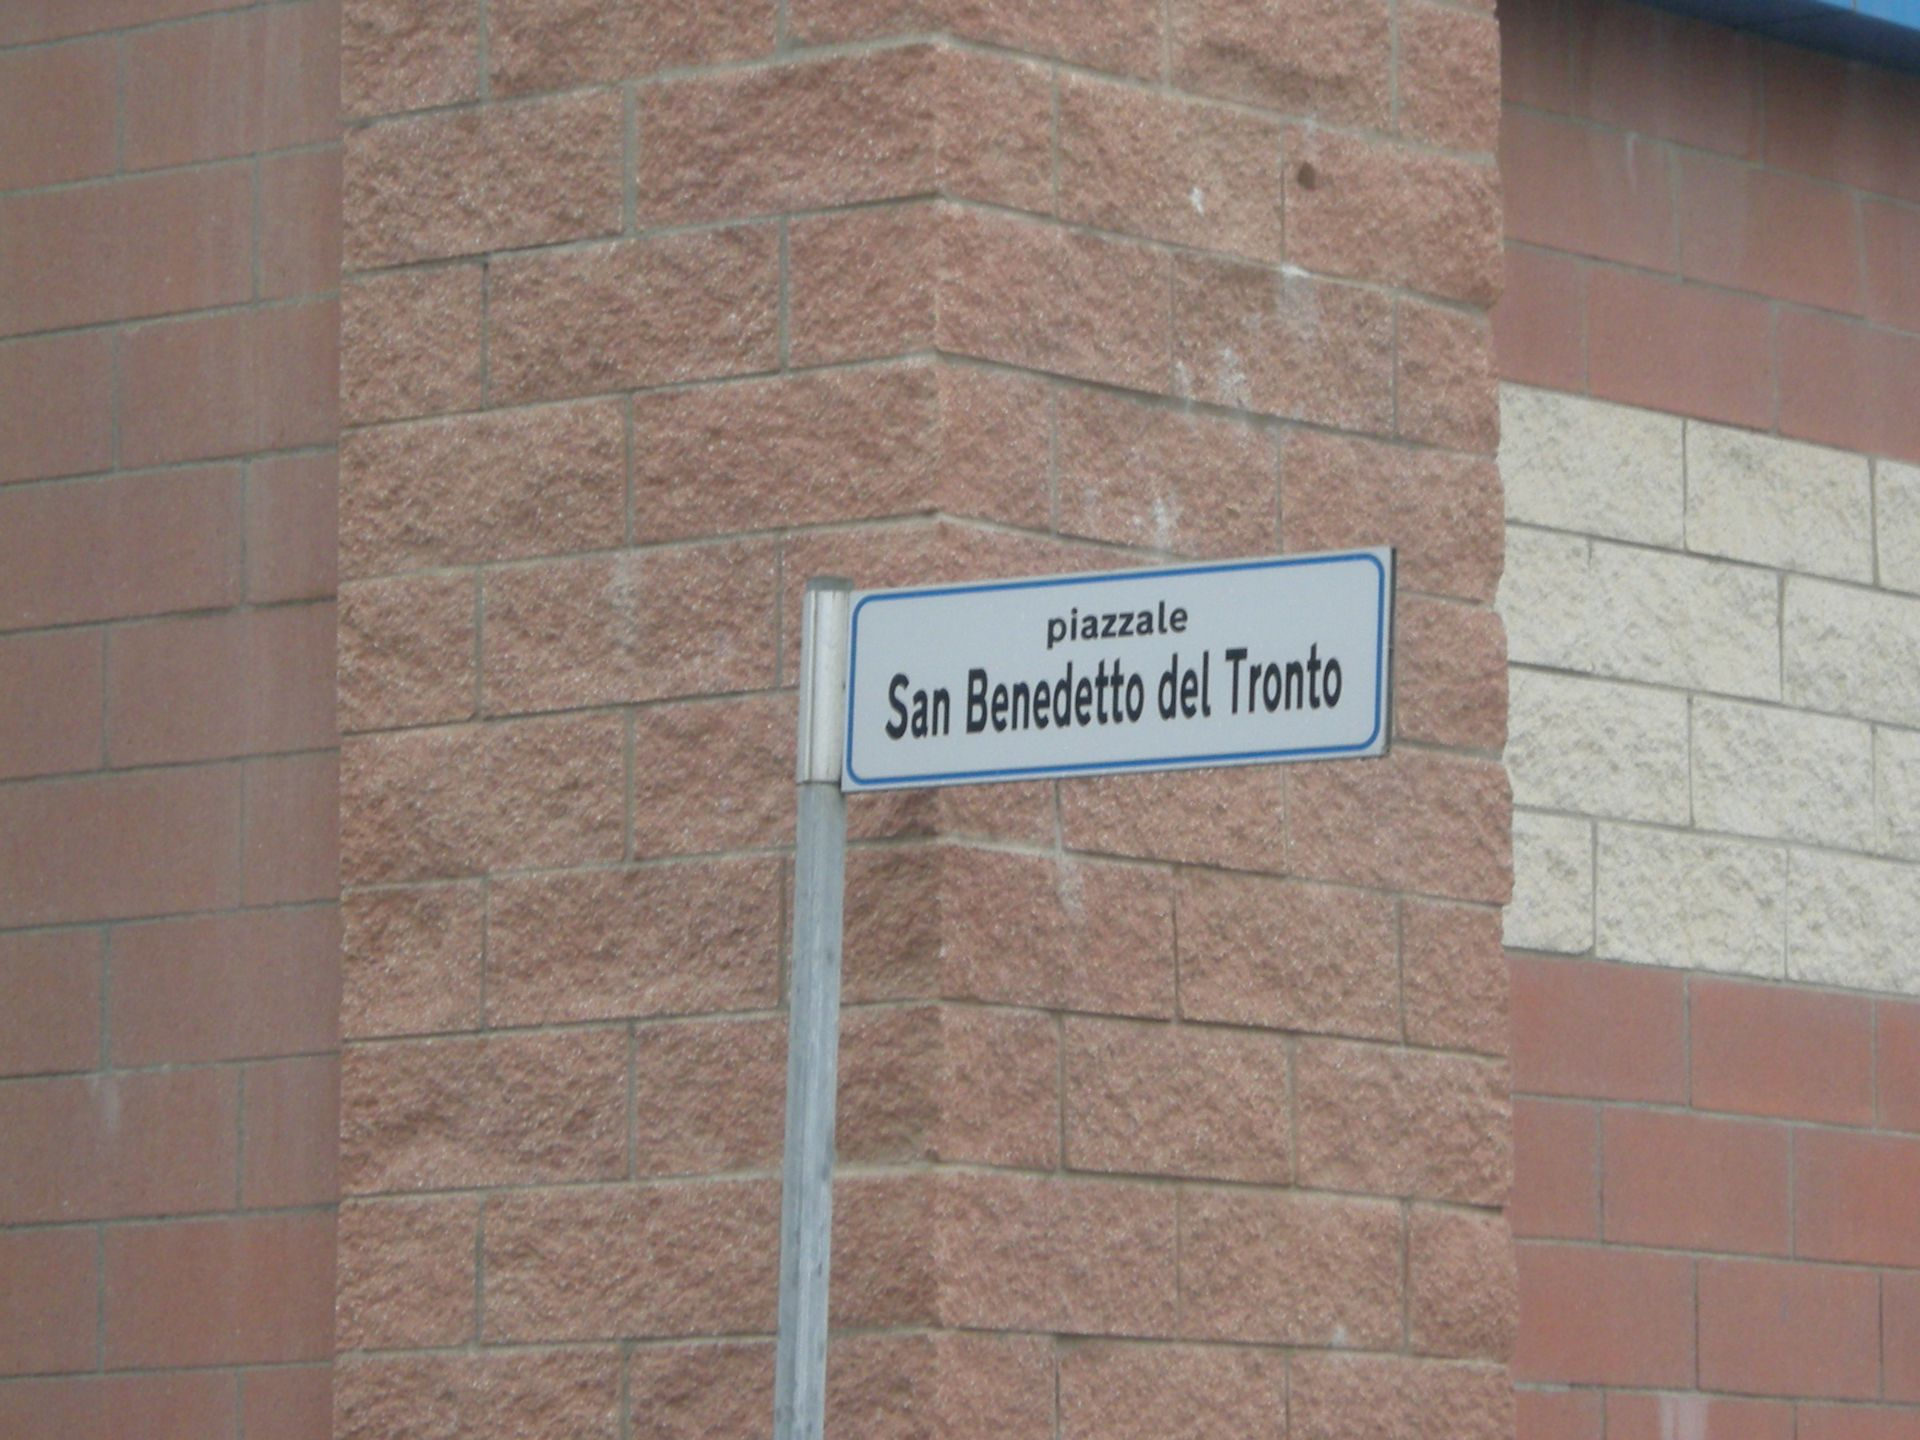 Viareggio, la piazza dedicata a San Benedetto